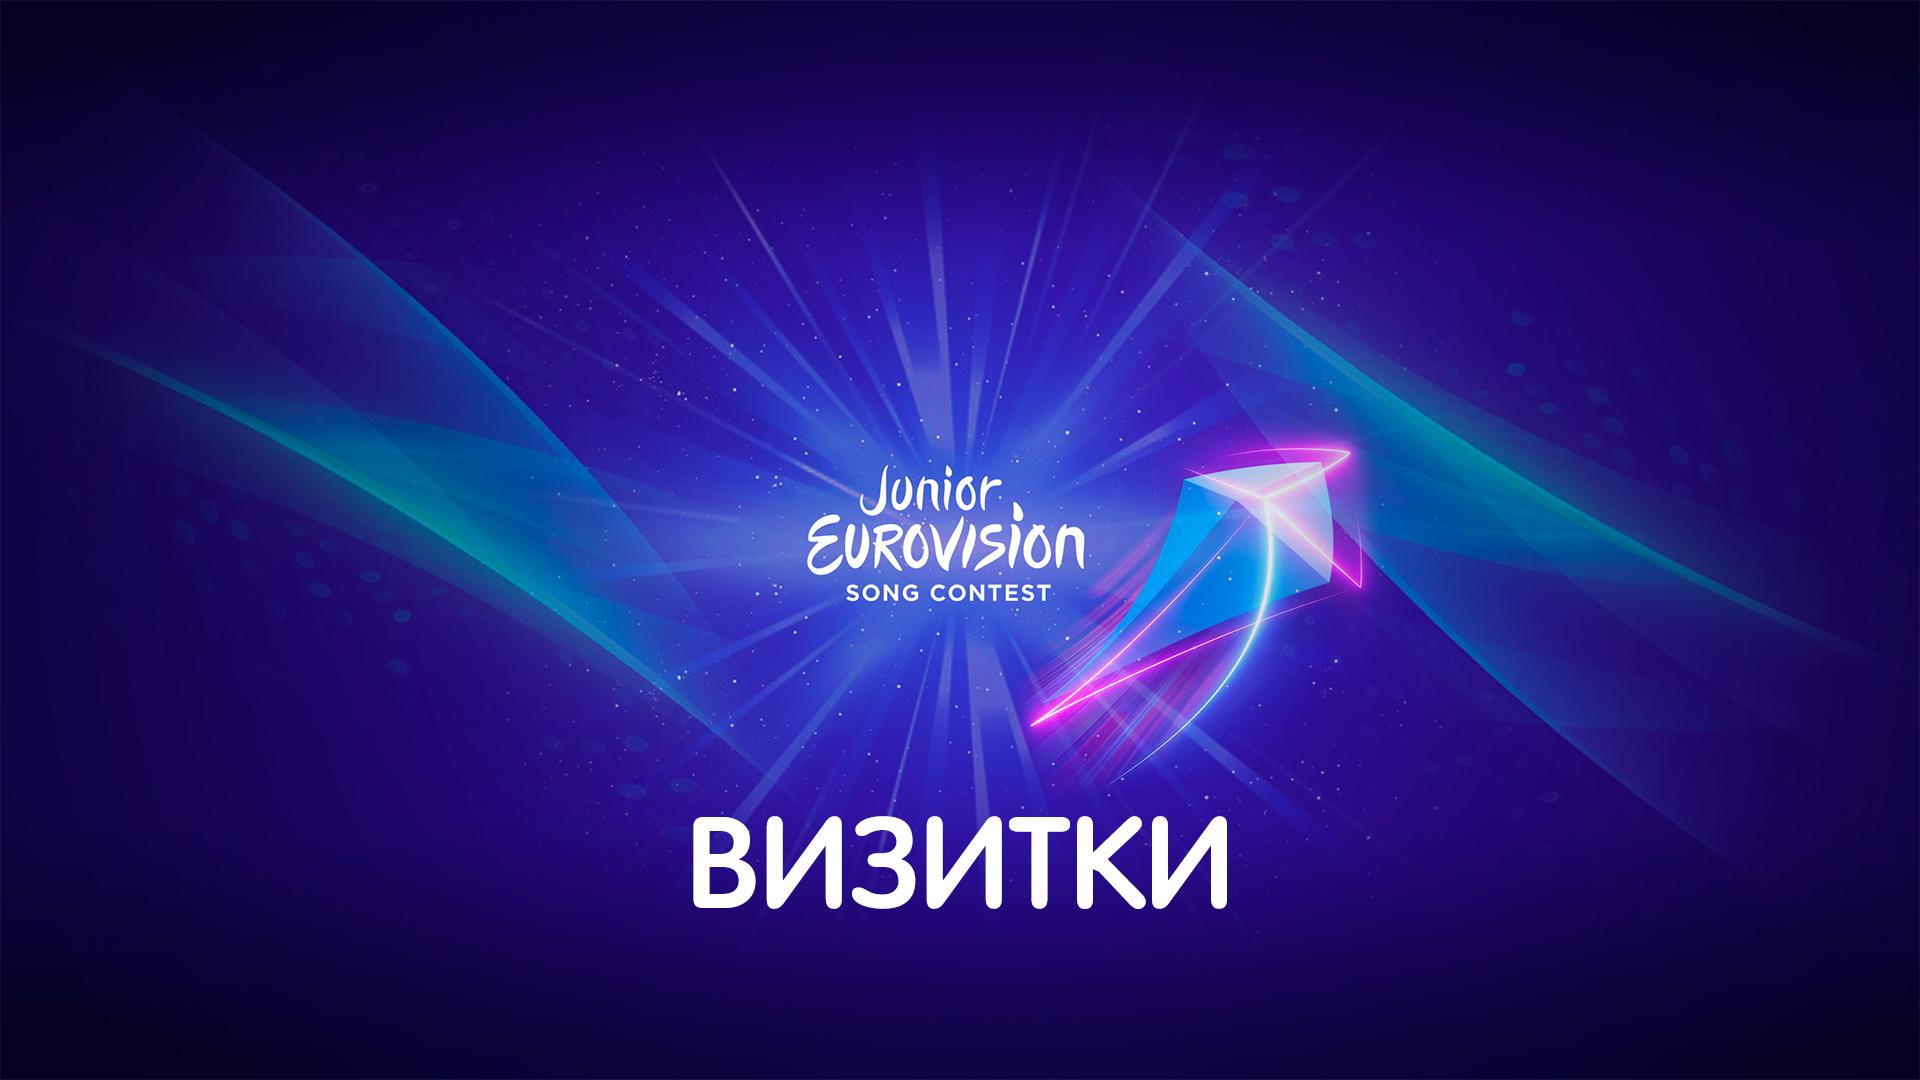 Визитки финалистов Детского Евровидения 2019